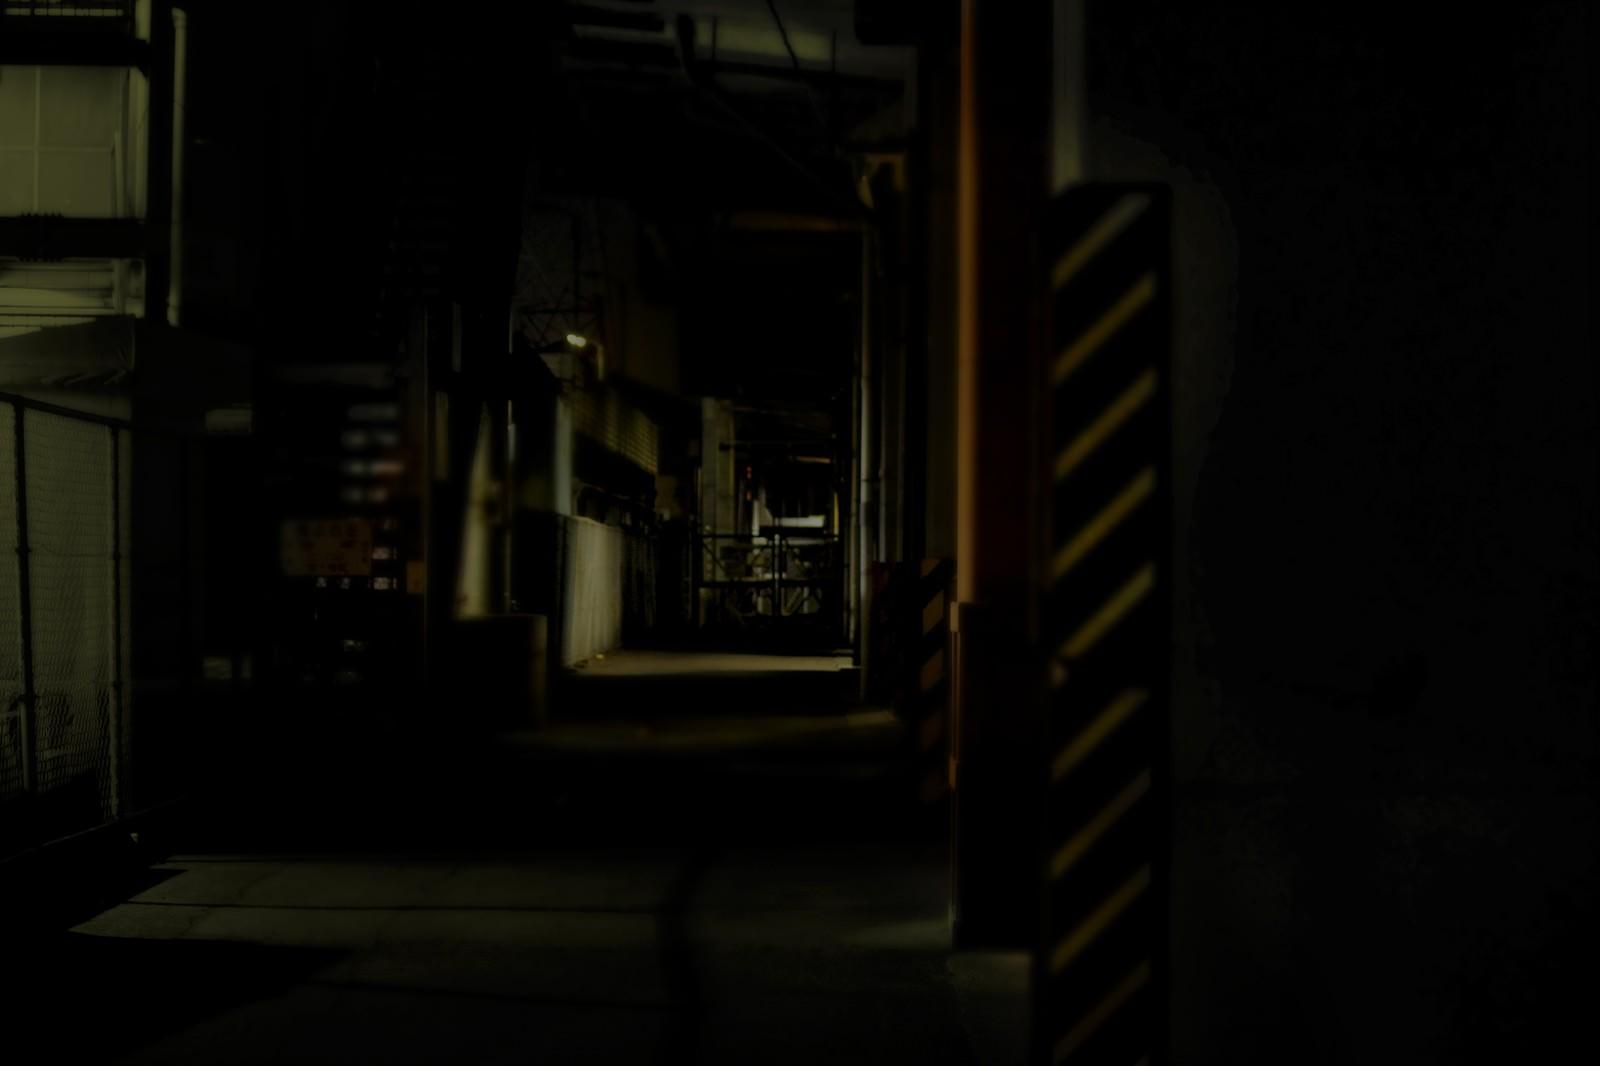 「高架下の工場」の写真